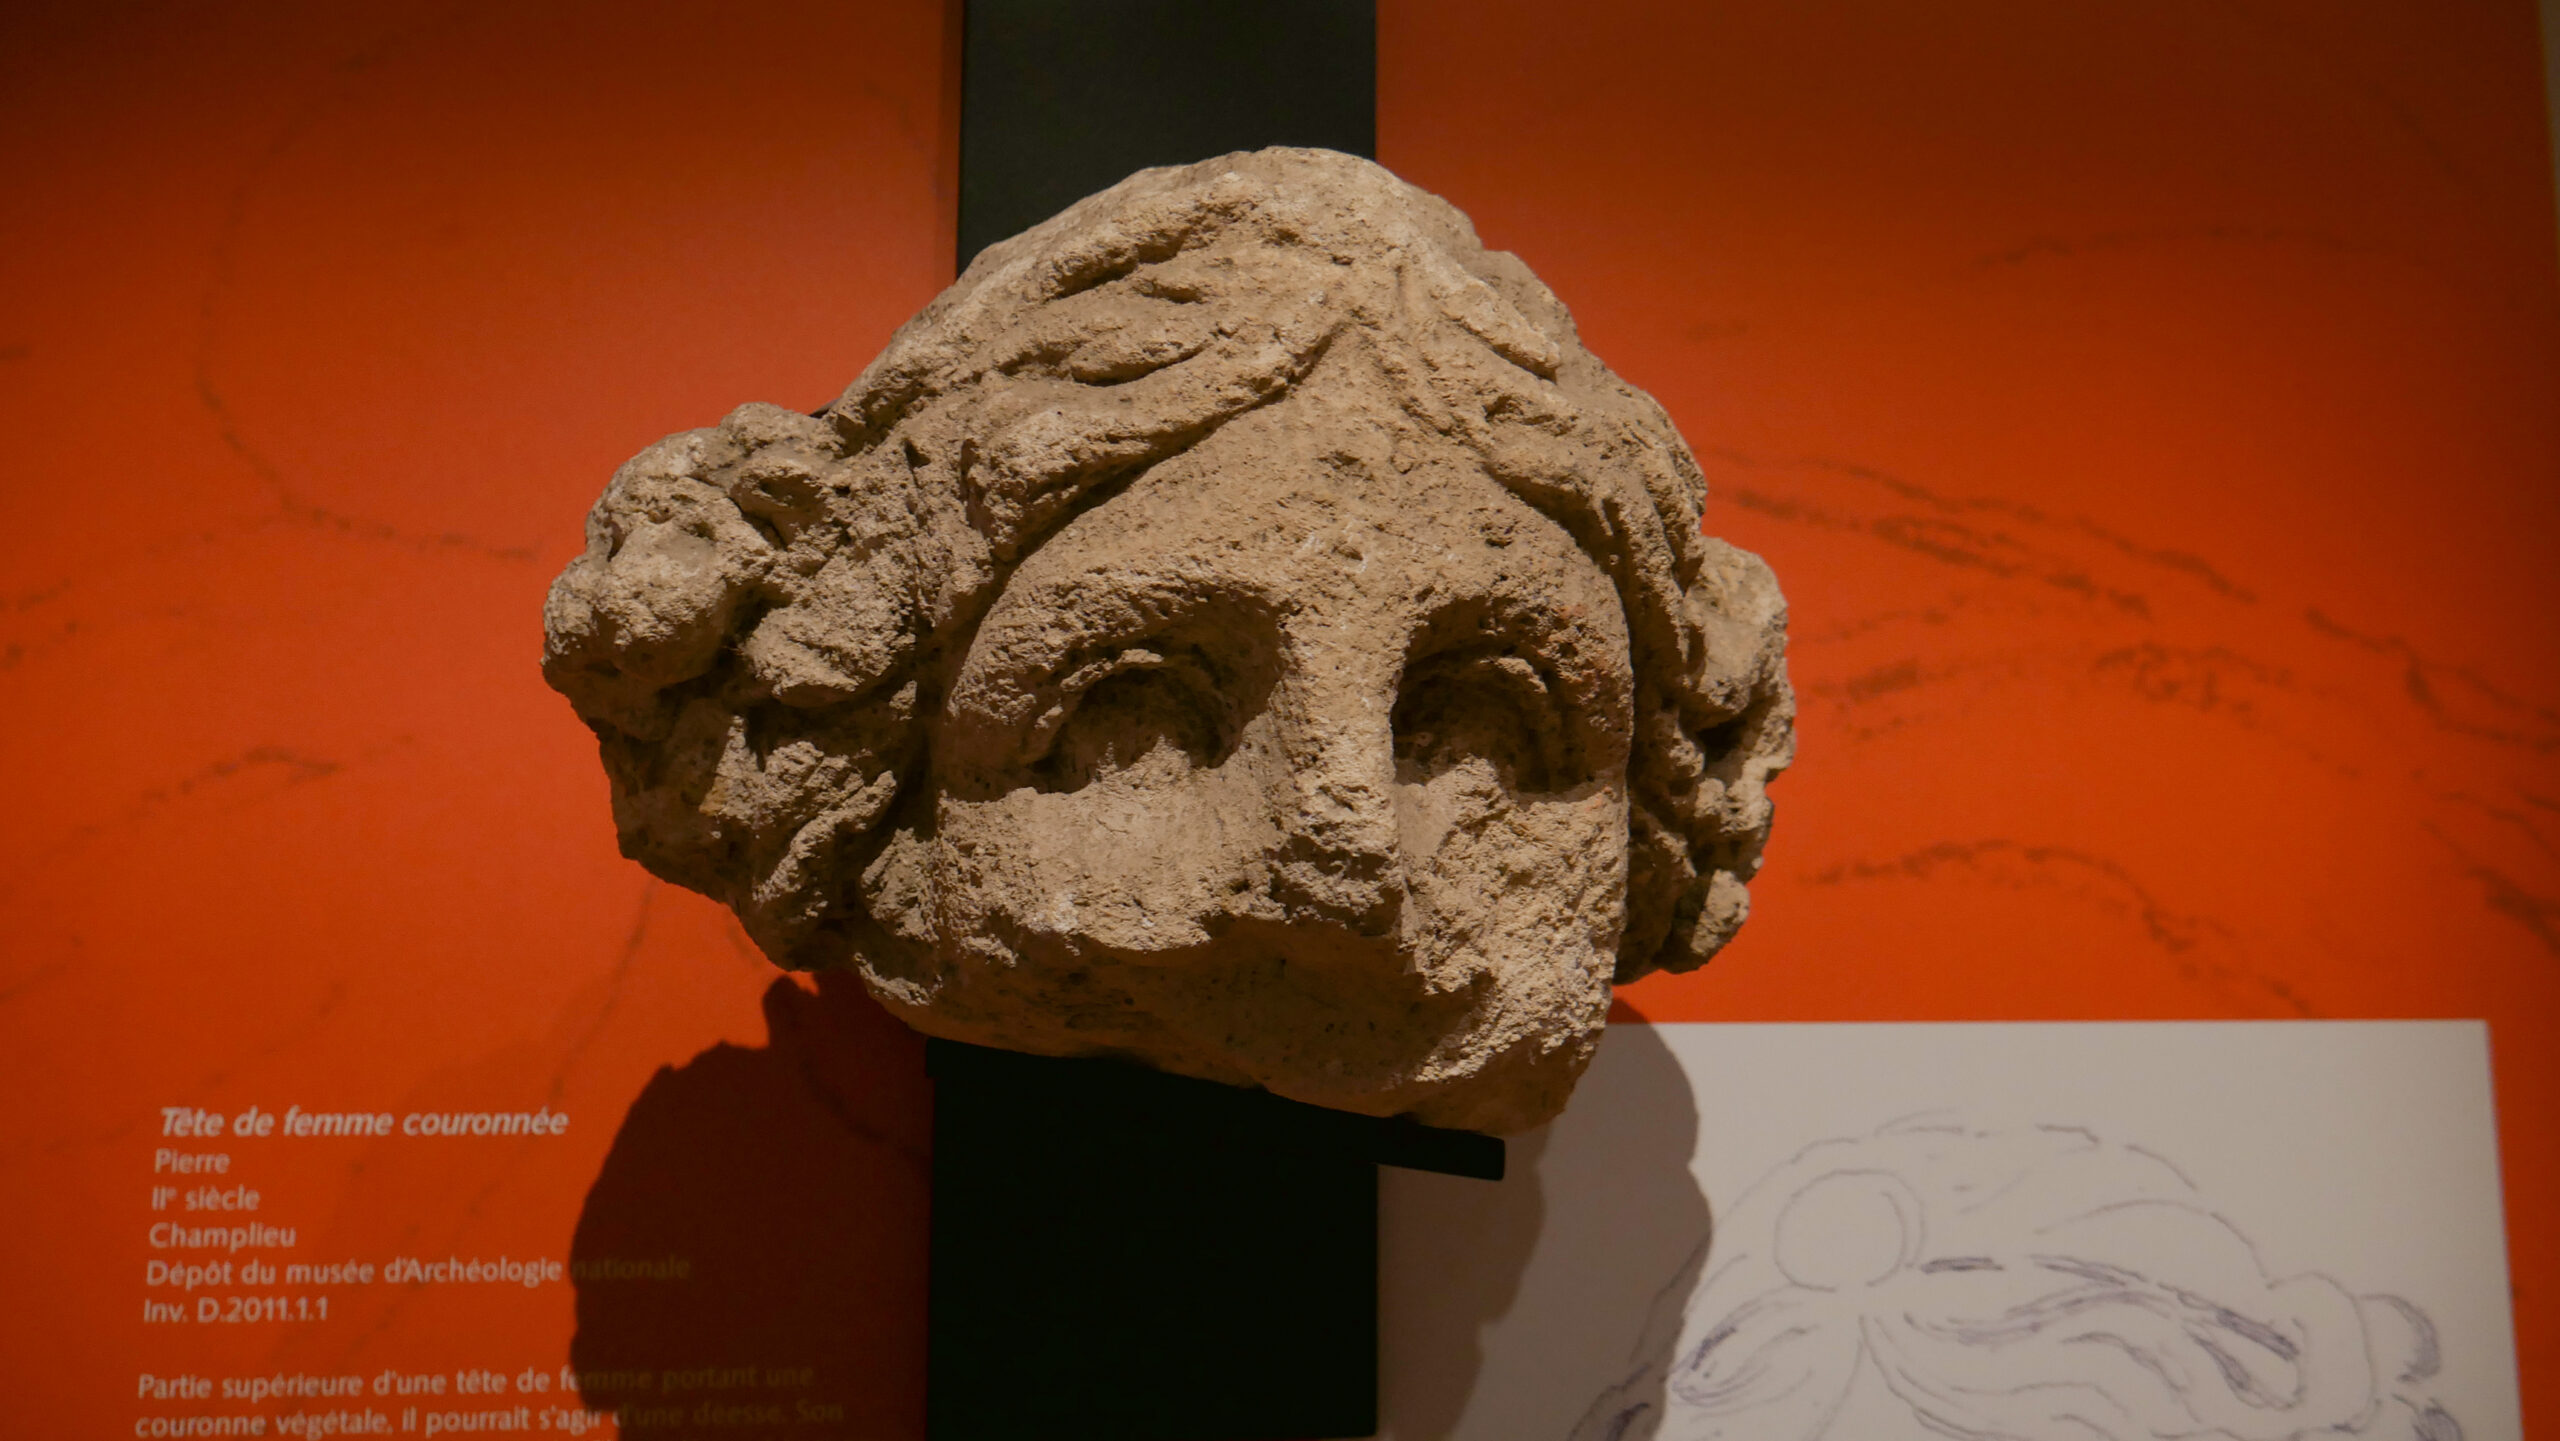 Tête de femme couronnée, pierre, provenant du temple gallo-romain de Champlieu, Oise, IIe siècle